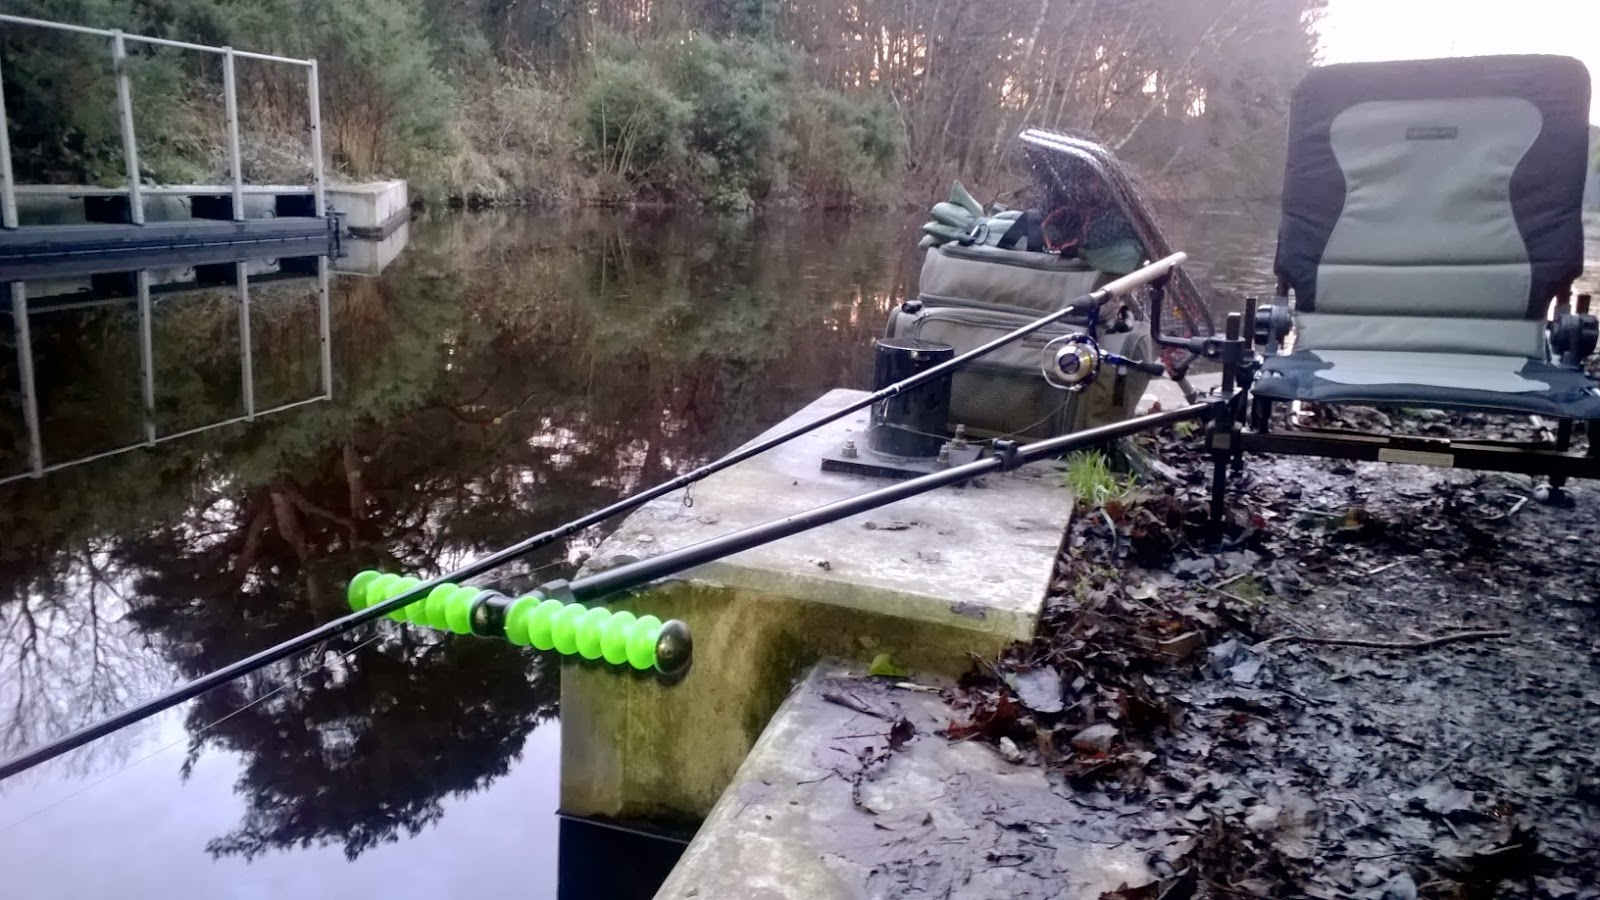 Fishing Chair Setup High Heel Shoe Plans A South East Angler New Korum